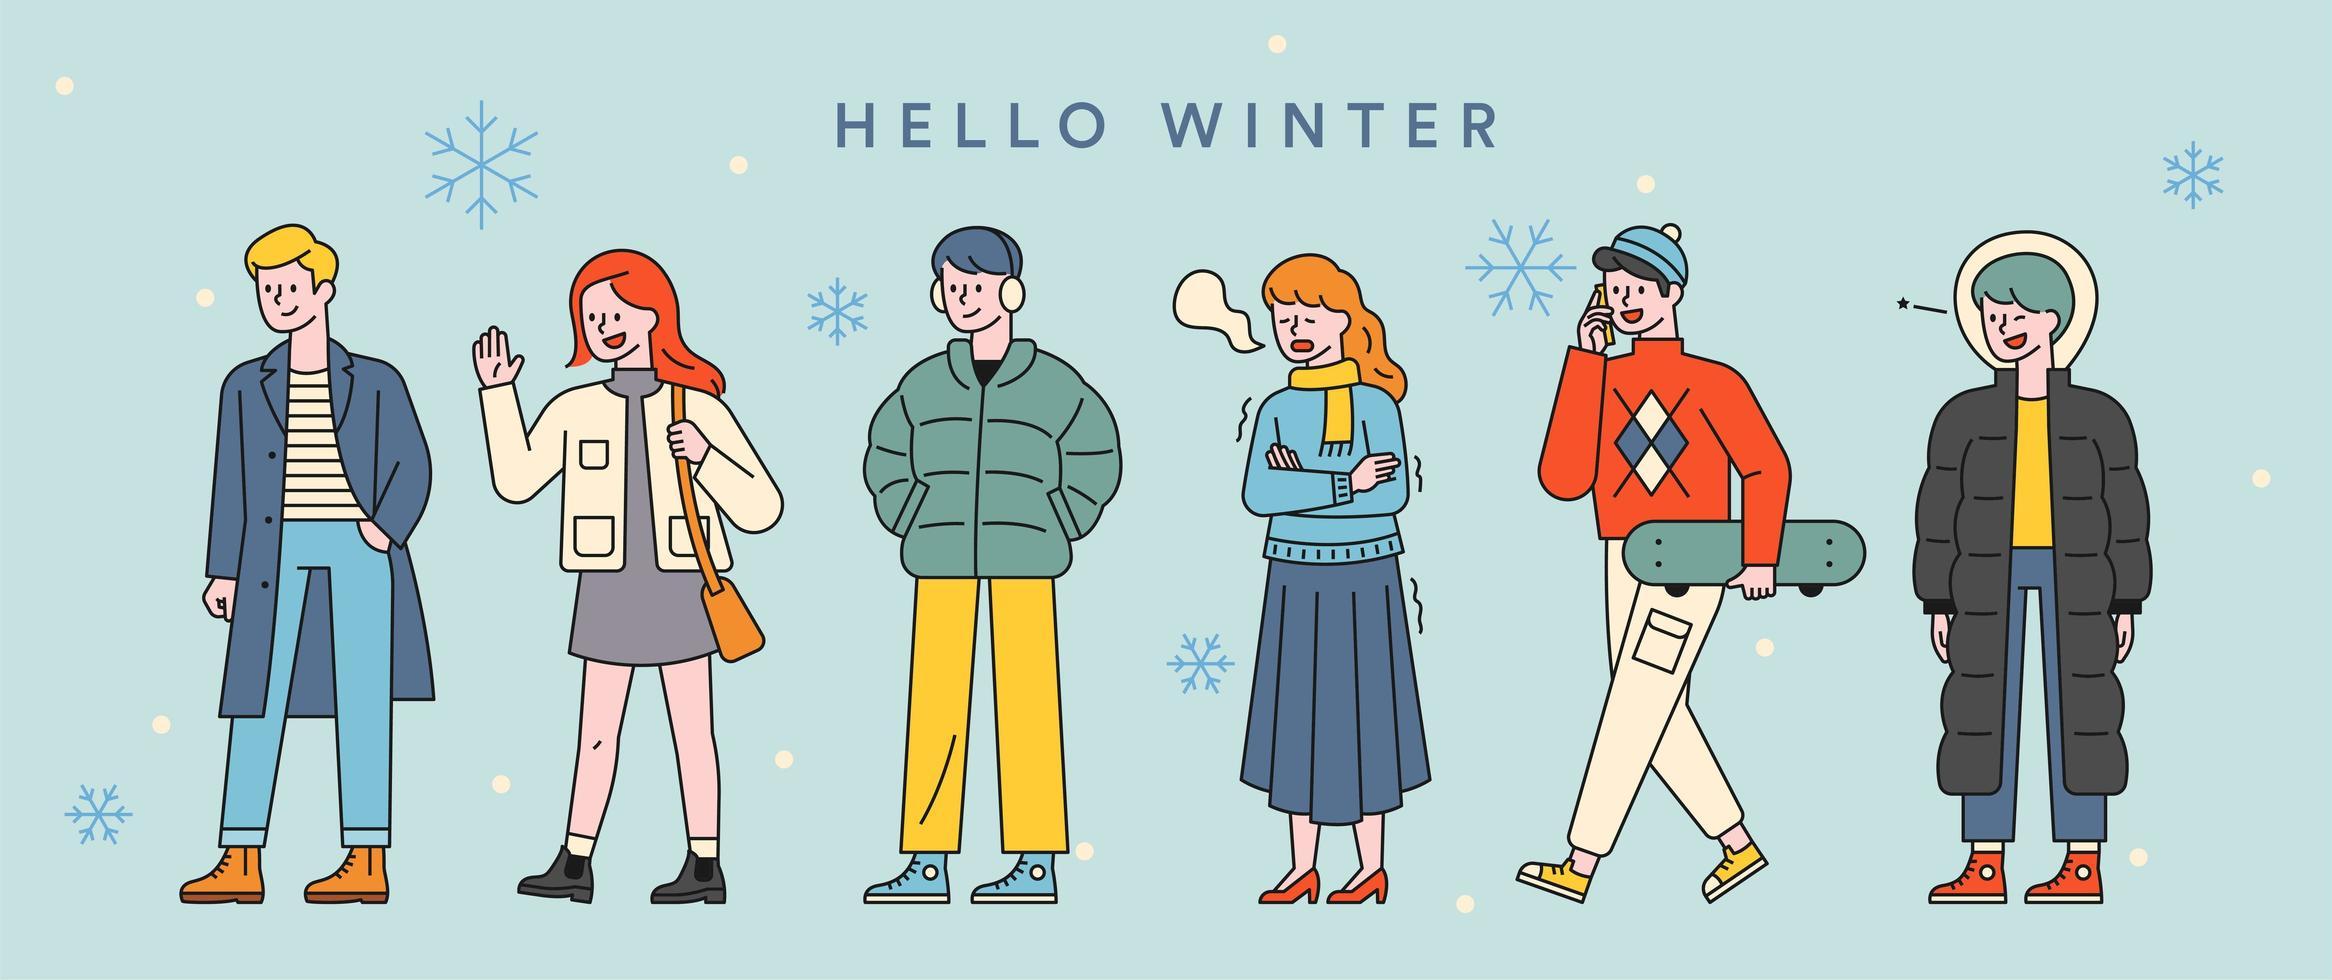 snygg vinter mode karaktär. vektor